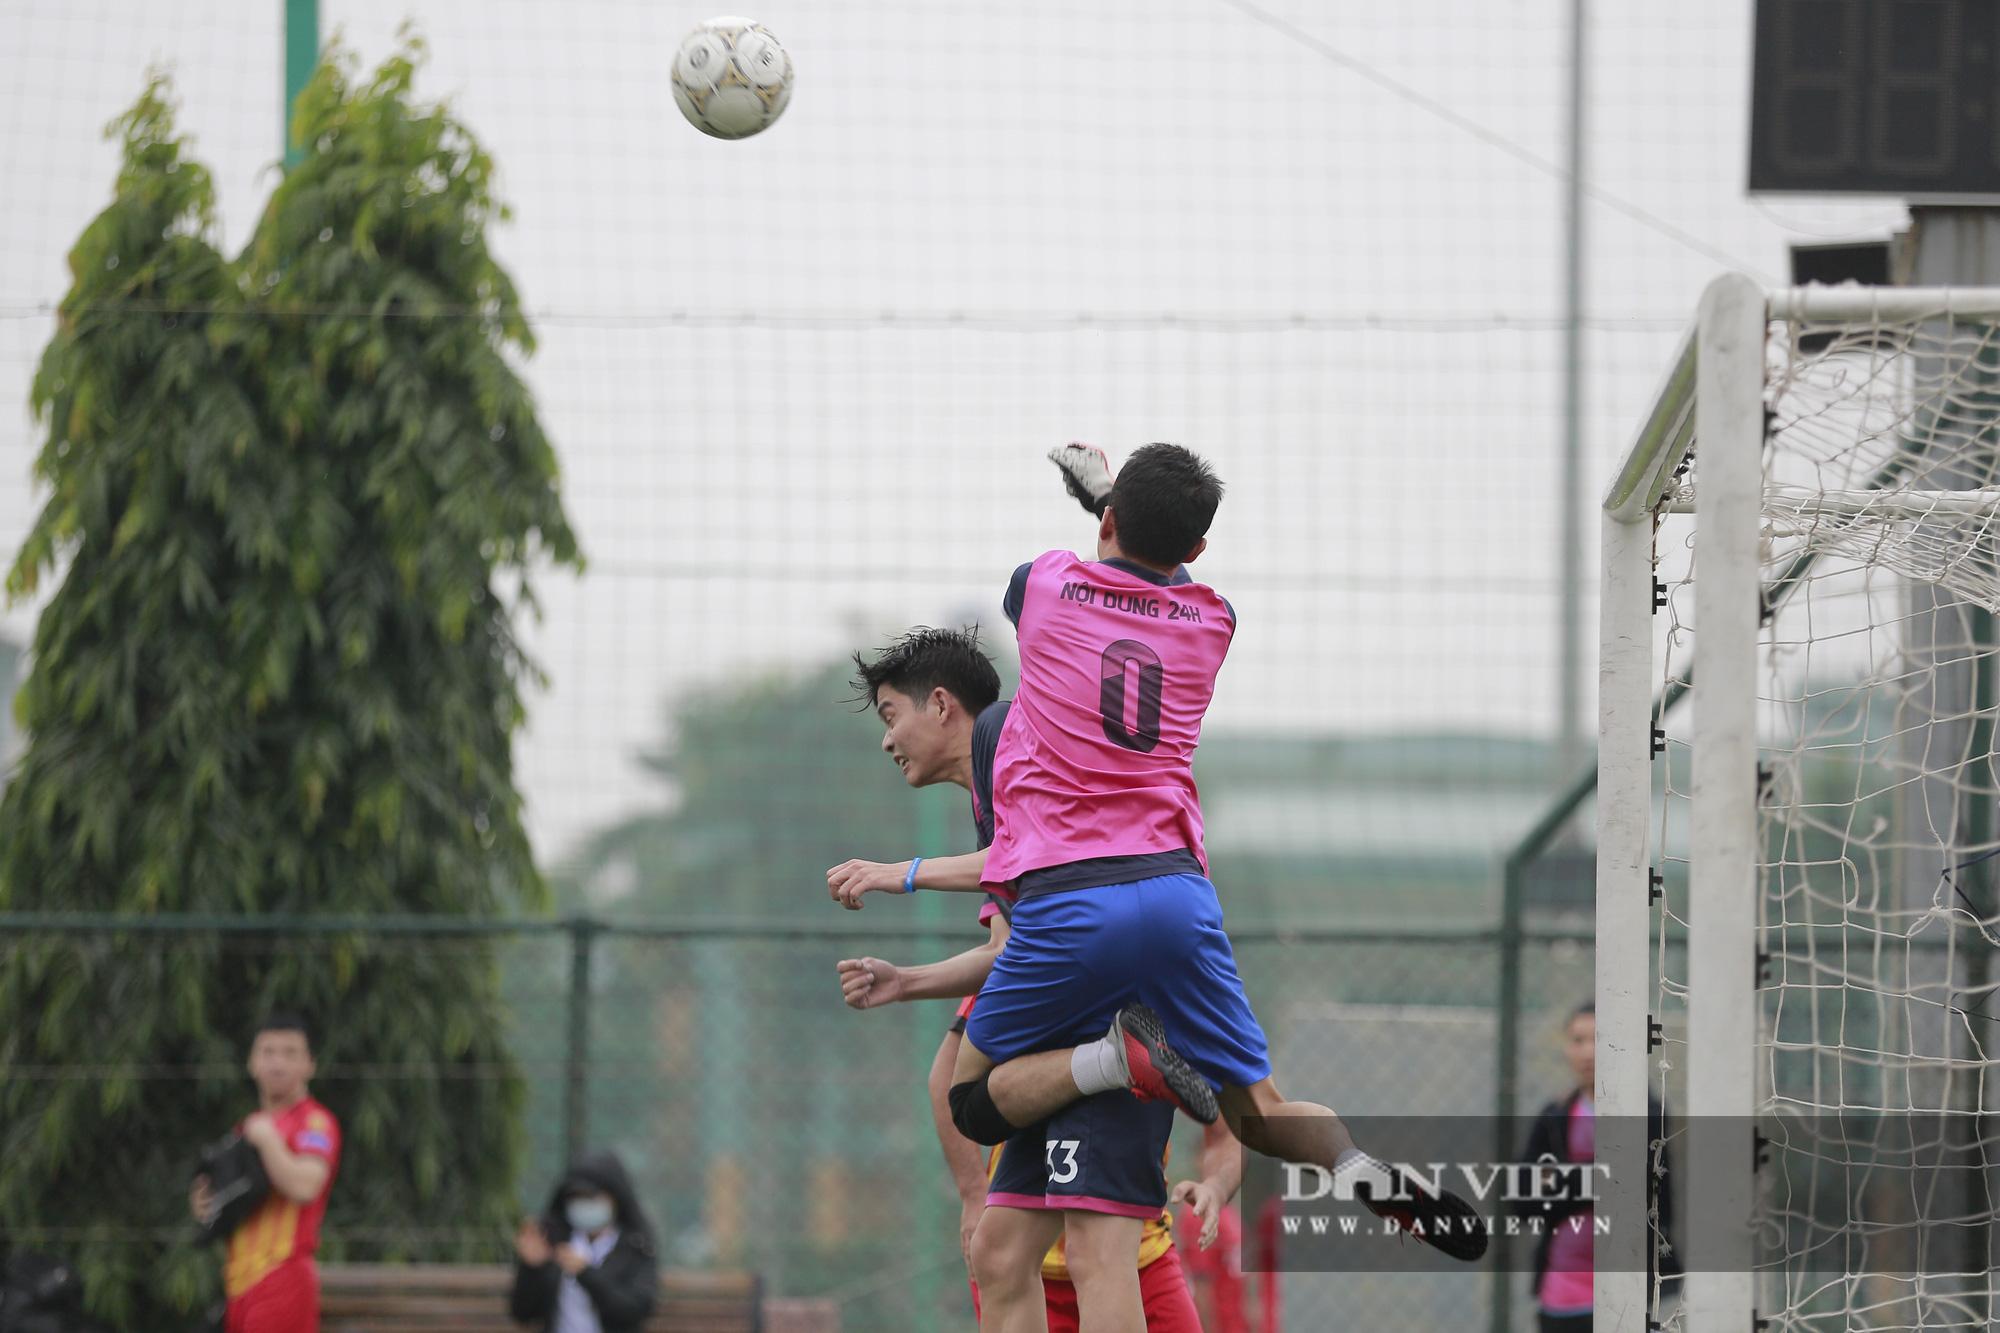 Khoảnh khắc lượt trận cuối cùng vòng bảng giải bóng đá báo NTNN/Dân Việt  - Ảnh 12.